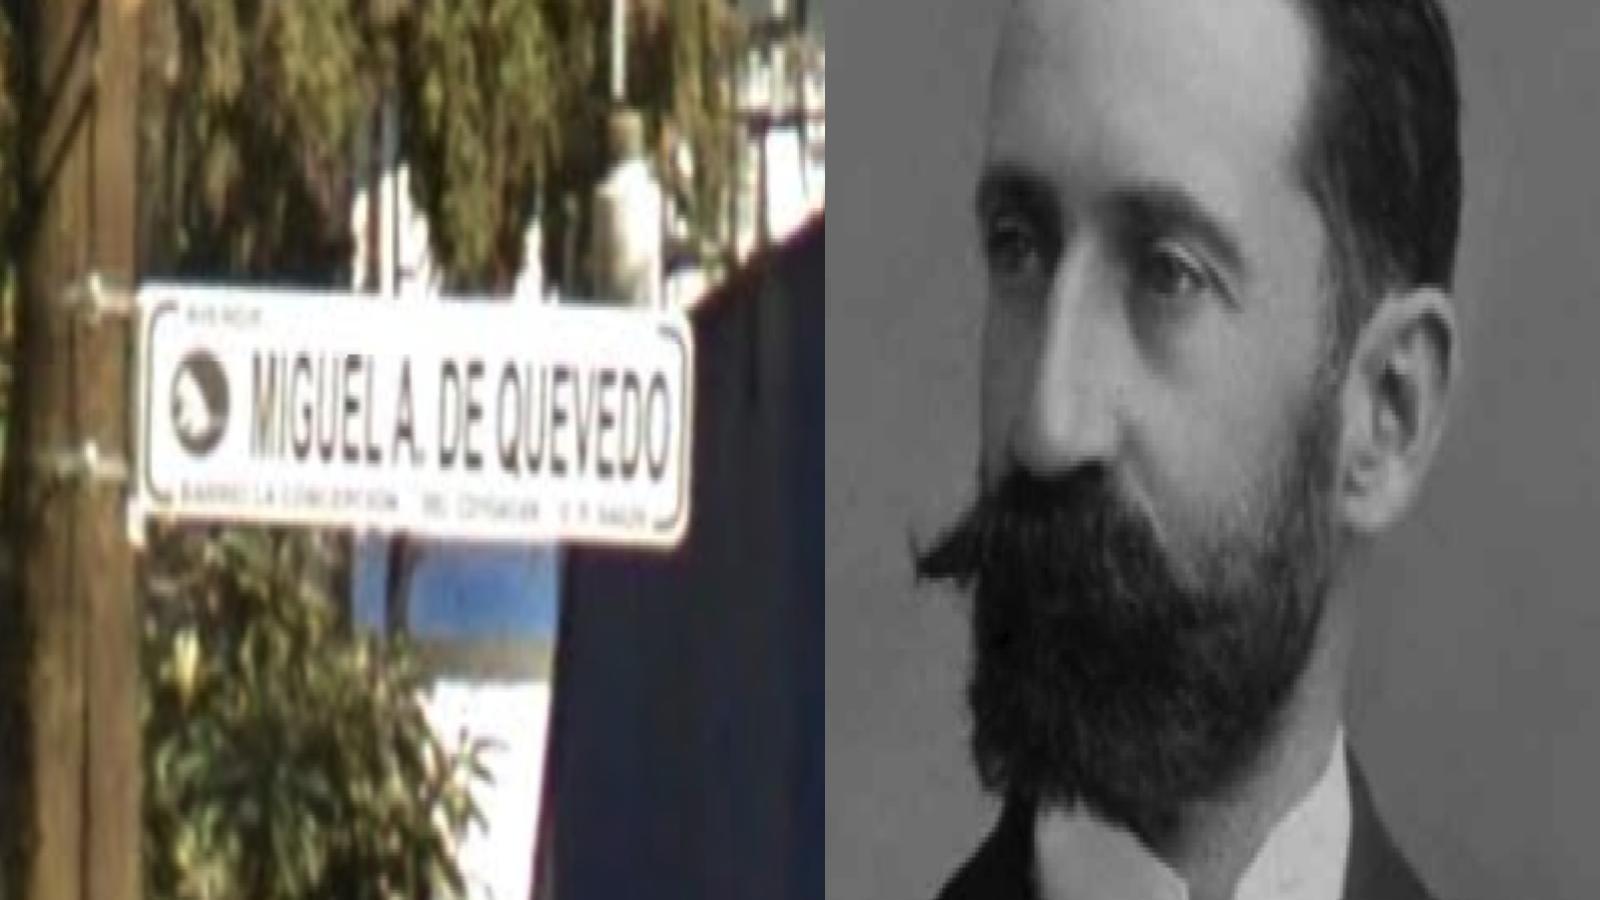 Quién era Miguel Ángel de Quevedo y por qué tiene una calle